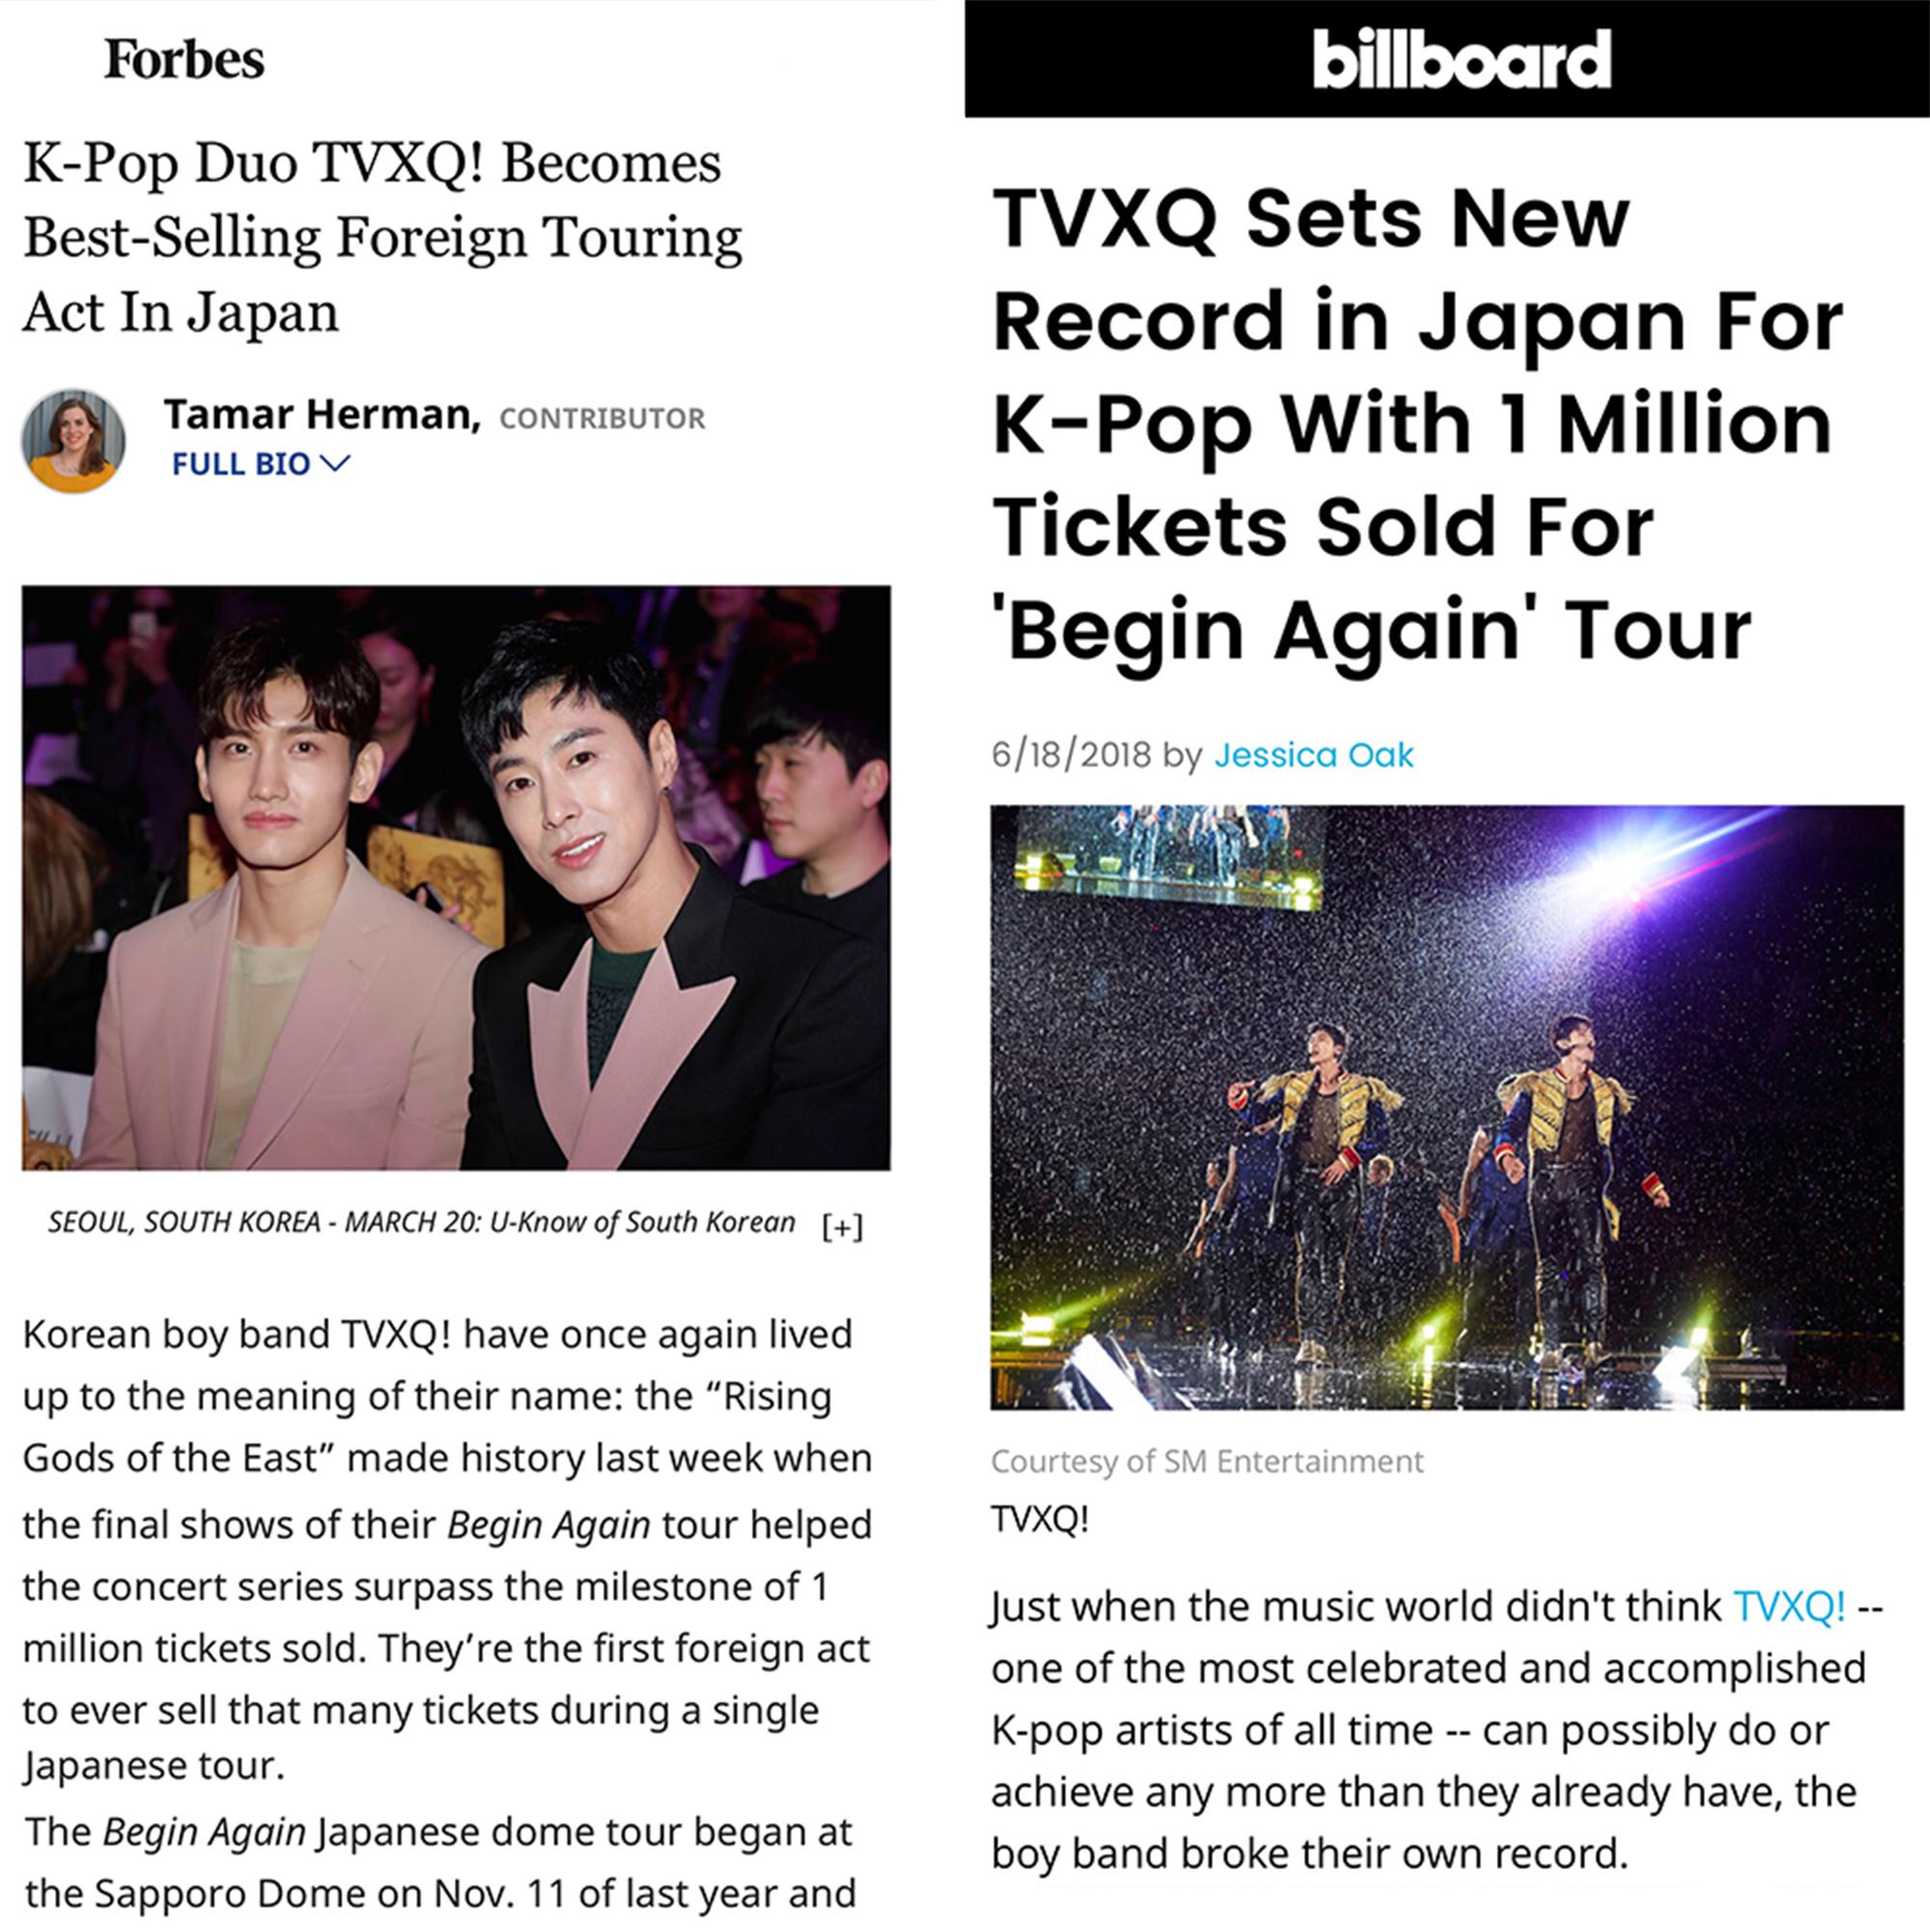 동방신기 닛산 스타디움 콘서트 관련 기사 캡처 이미지(왼쪽부터 포브스, 빌보드).jpg